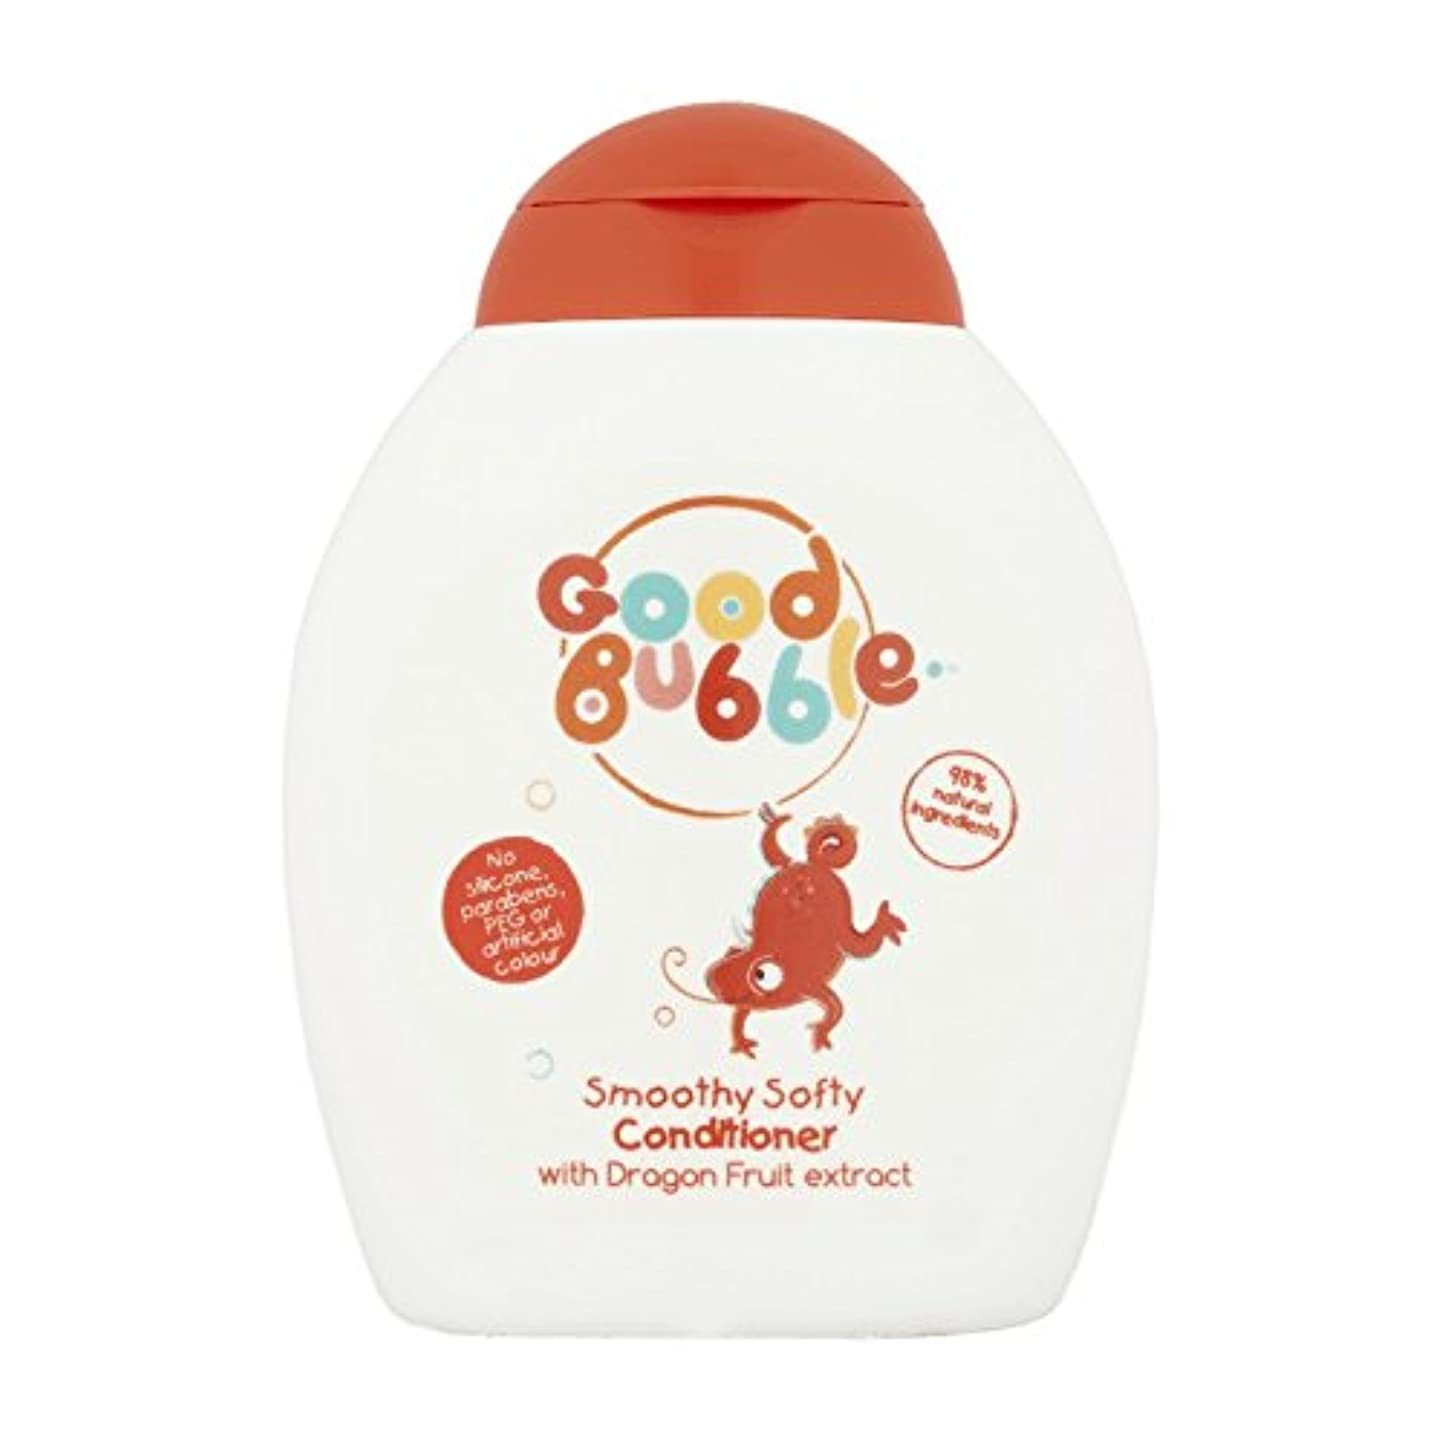 ダーツ公爵充電Good Bubble Dragon Fruit Conditioner 250ml (Pack of 2) - 良いバブルドラゴンフルーツコンディショナー250ミリリットル (x2) [並行輸入品]